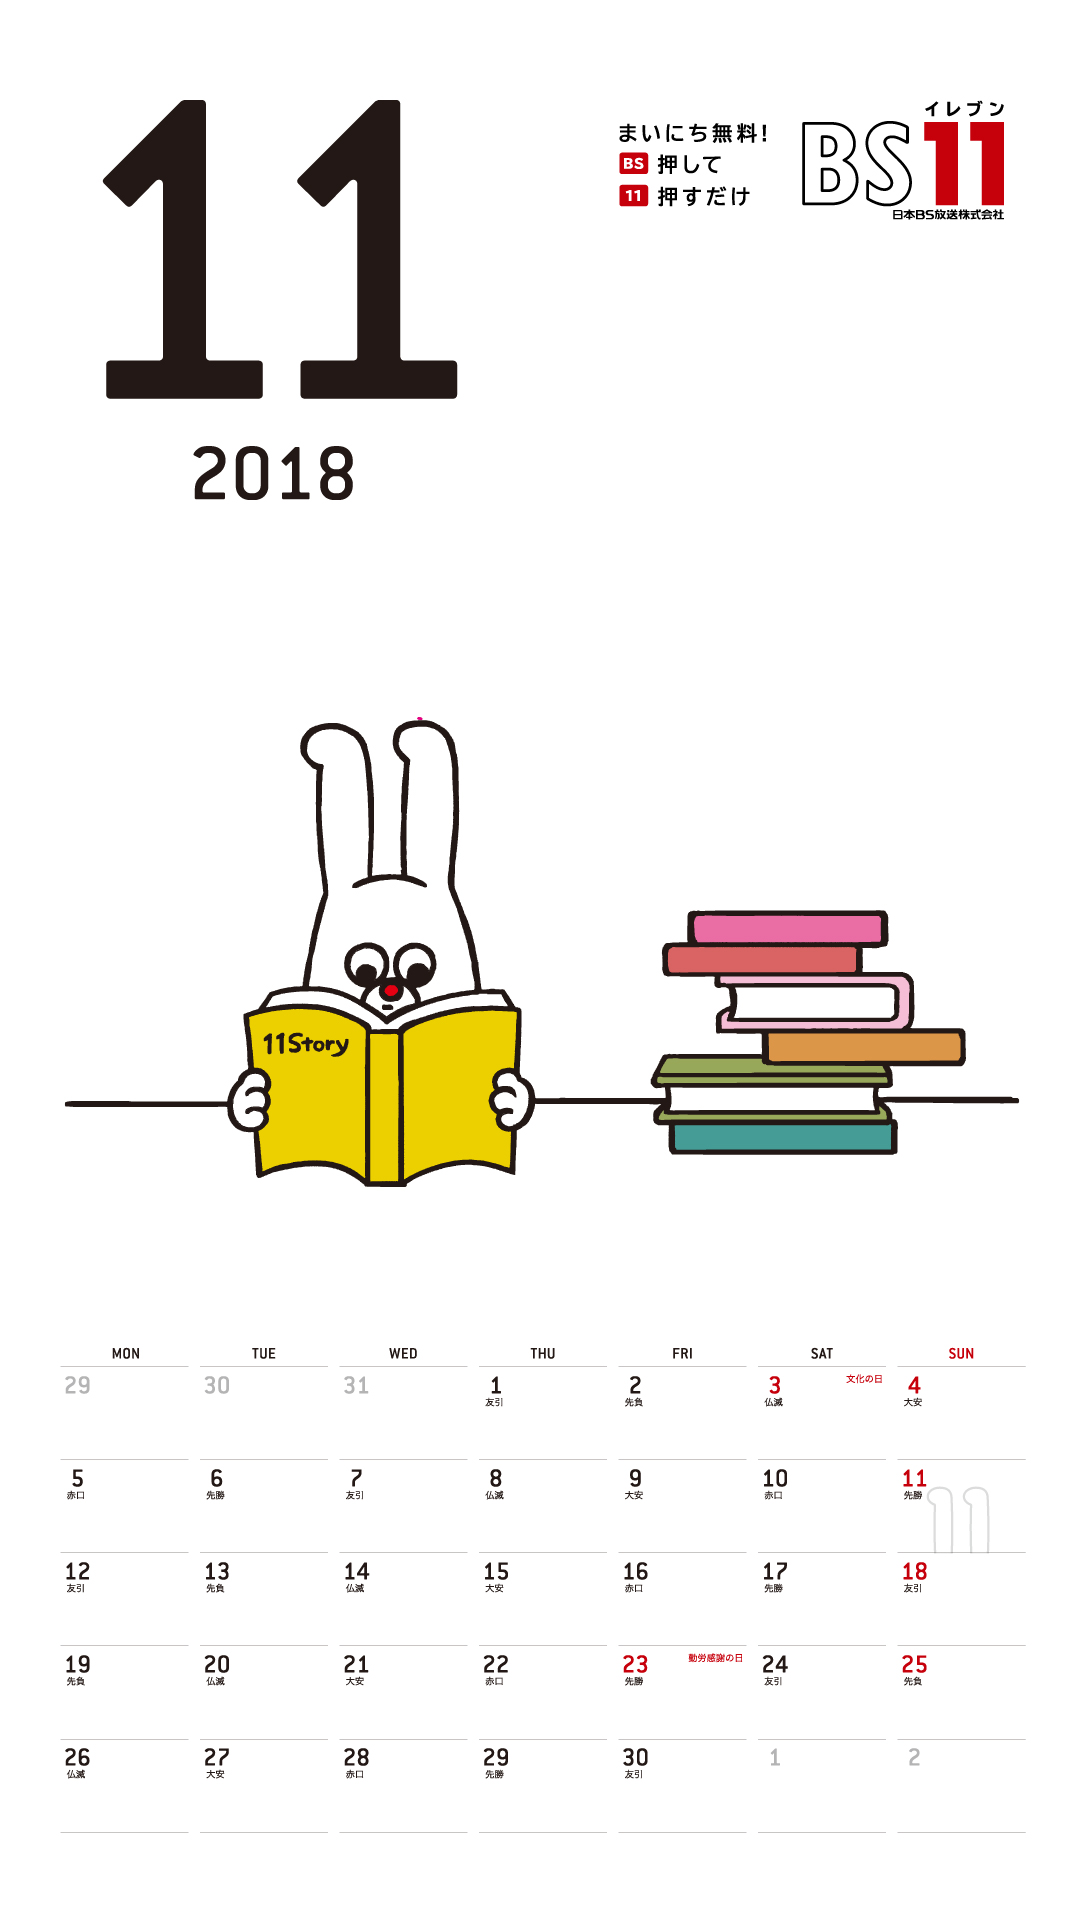 SPデジタルカレンダー2018 | BS11(イレブン)いつでも無料放送